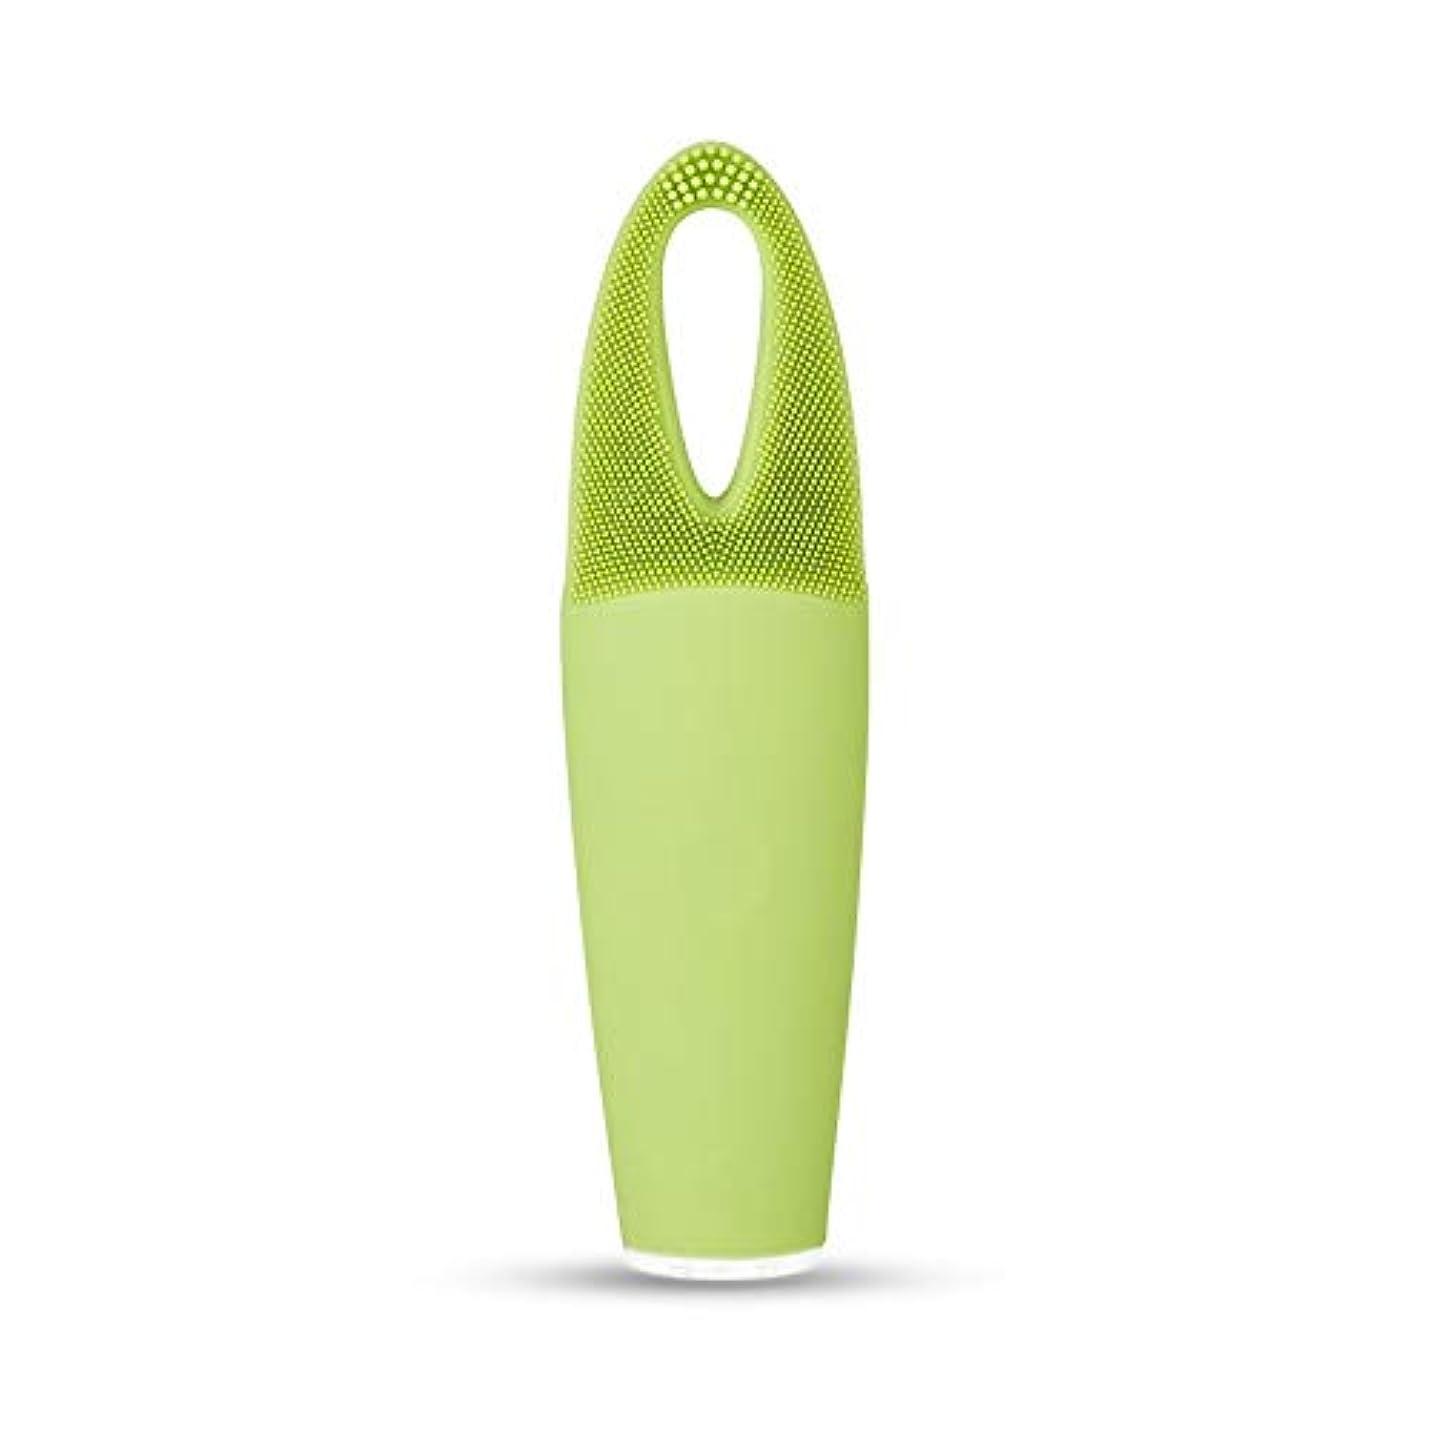 瞑想的原告登場ZXF 電気防水両面クレンジングブラシ超音波振動シリコーンクレンジング楽器敏感な筋肉洗浄器具美容器具マッサージ器具 滑らかである